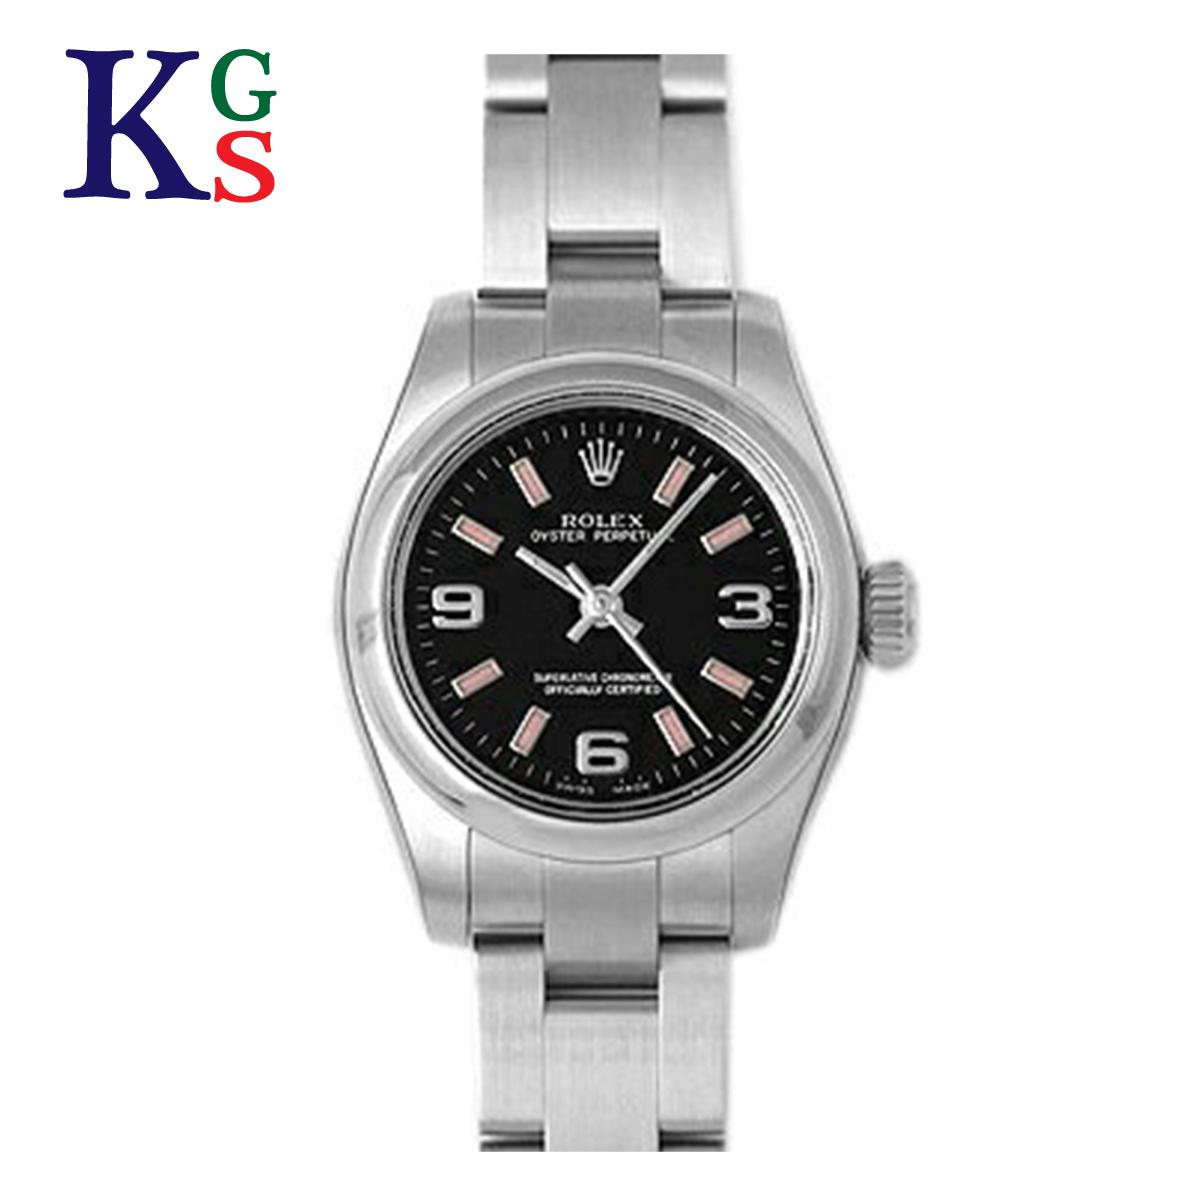 【ギフト品質】ロレックス ROLEX オイスターパーペチュアル ブラック文字盤 レディース 腕時計 ルーレット刻印 176200